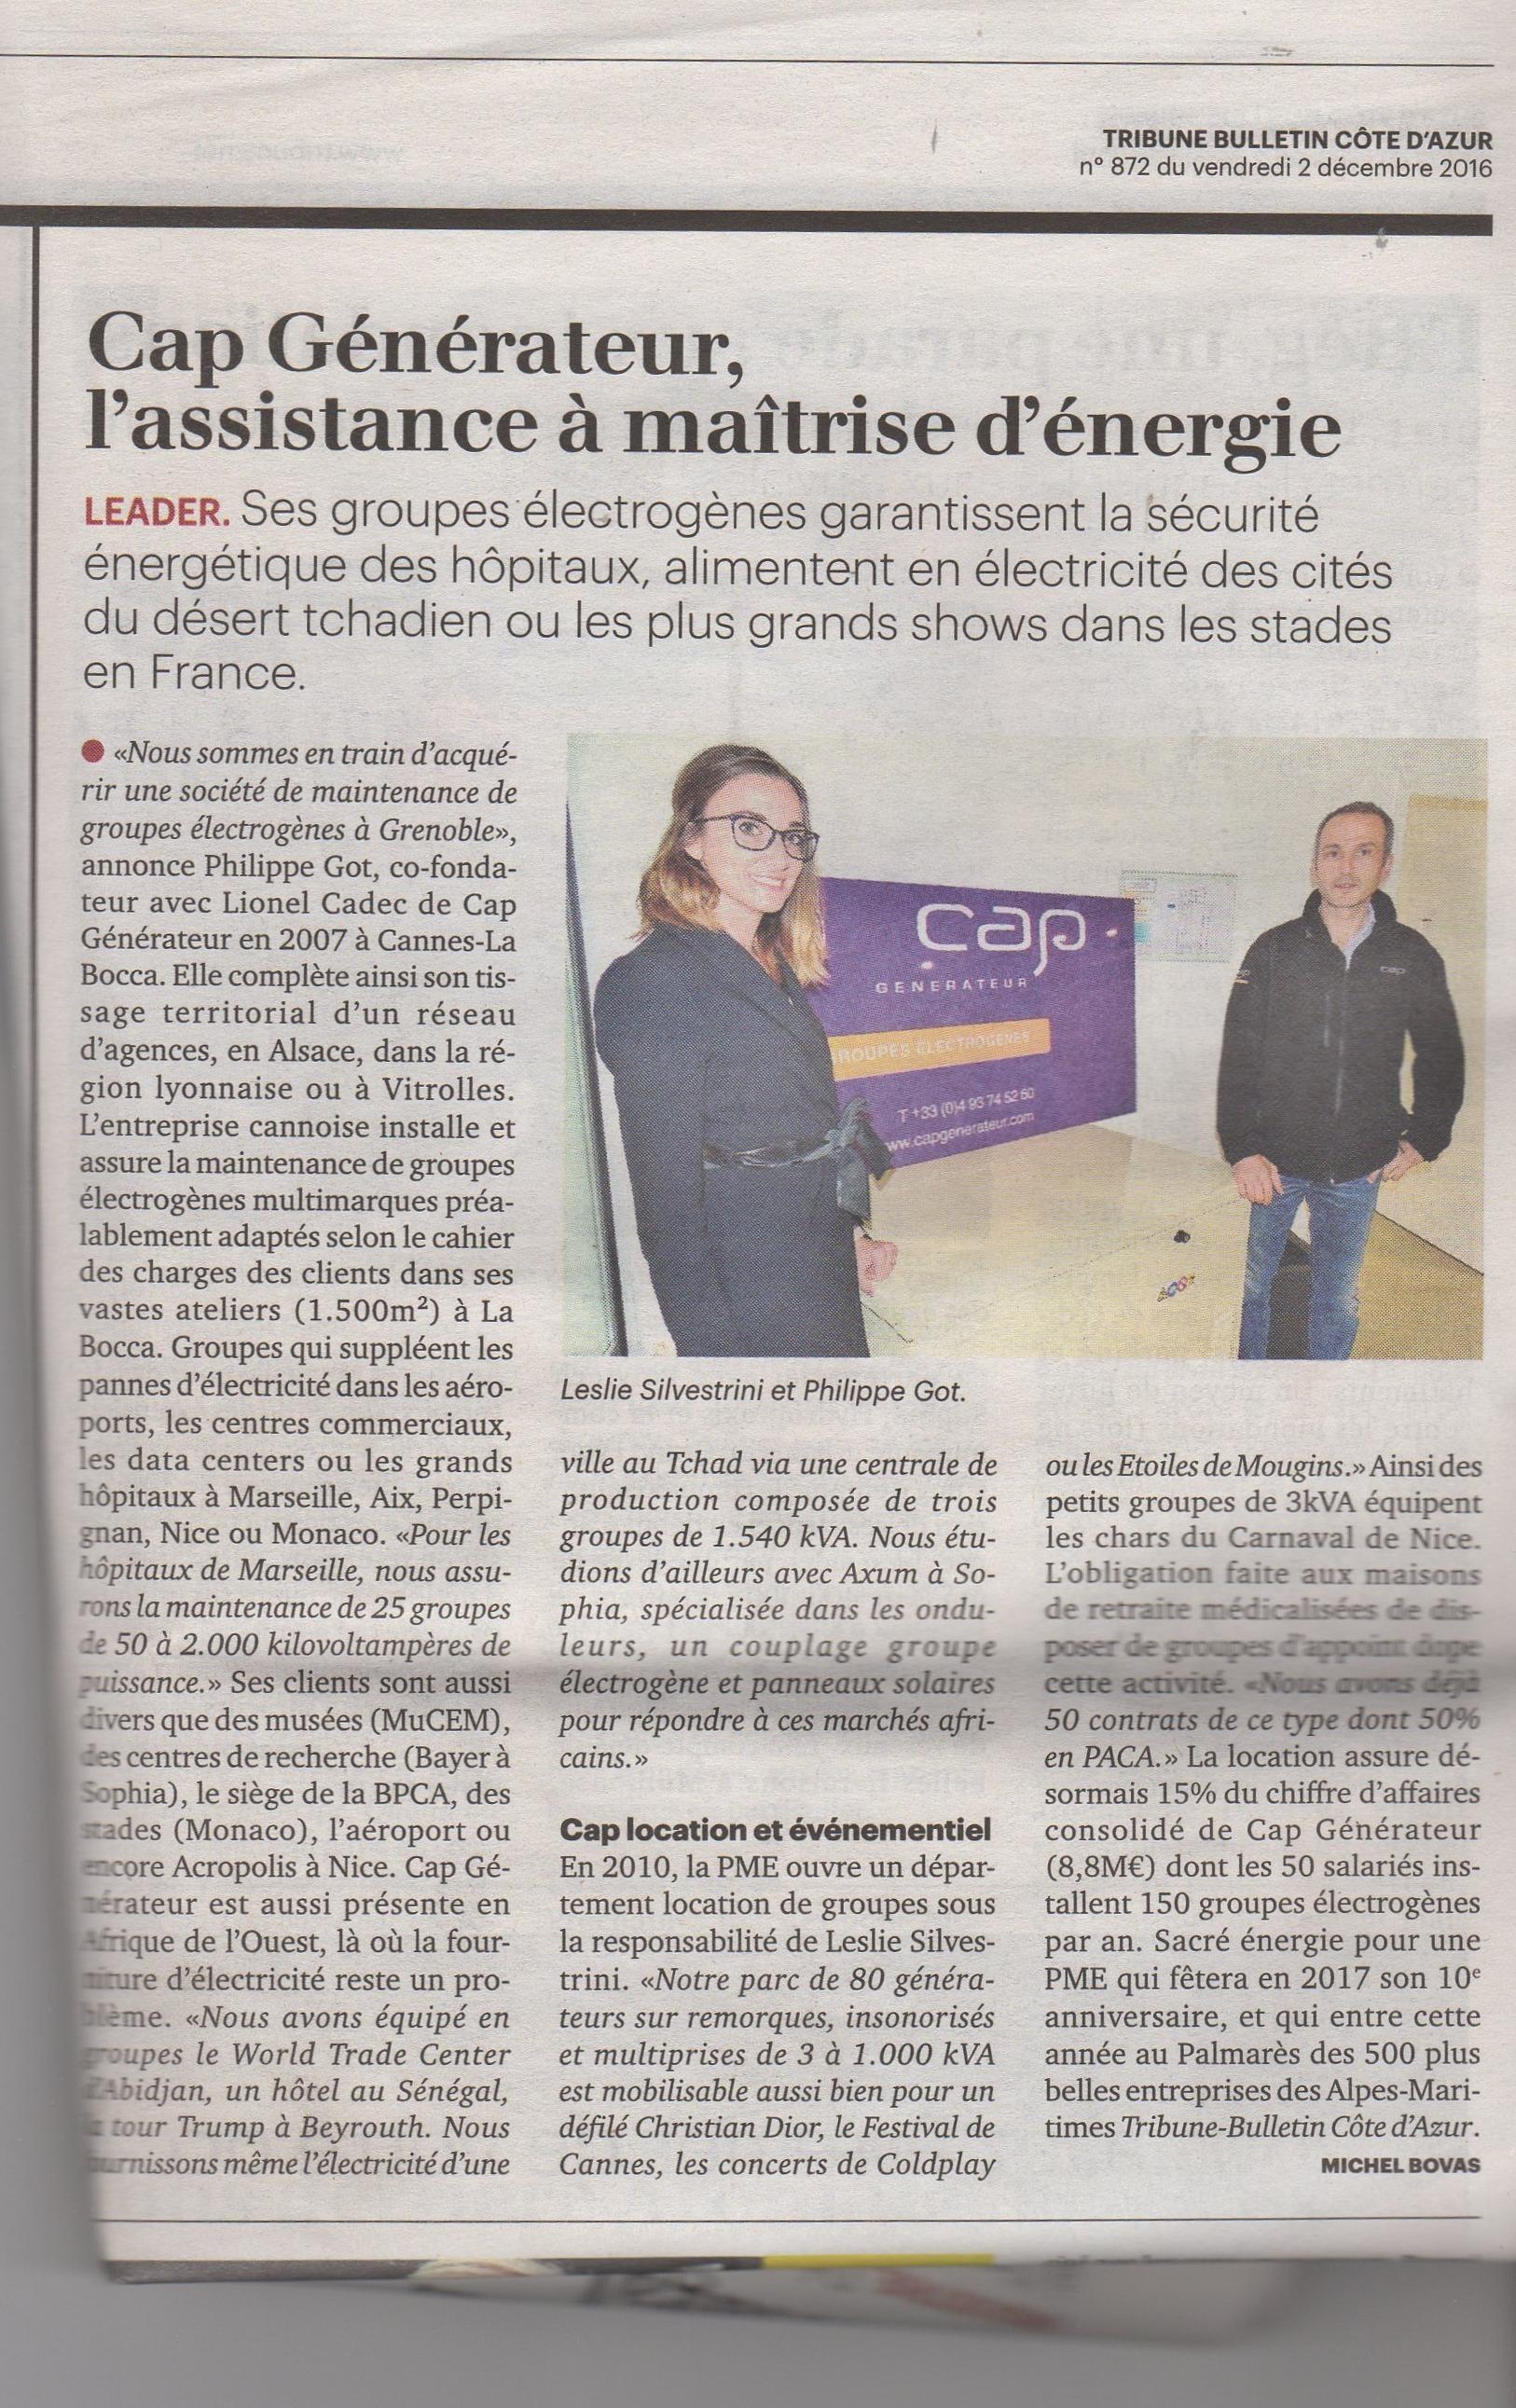 article-la-tribune-cote-azur-parution-le-02-dec-2016-1